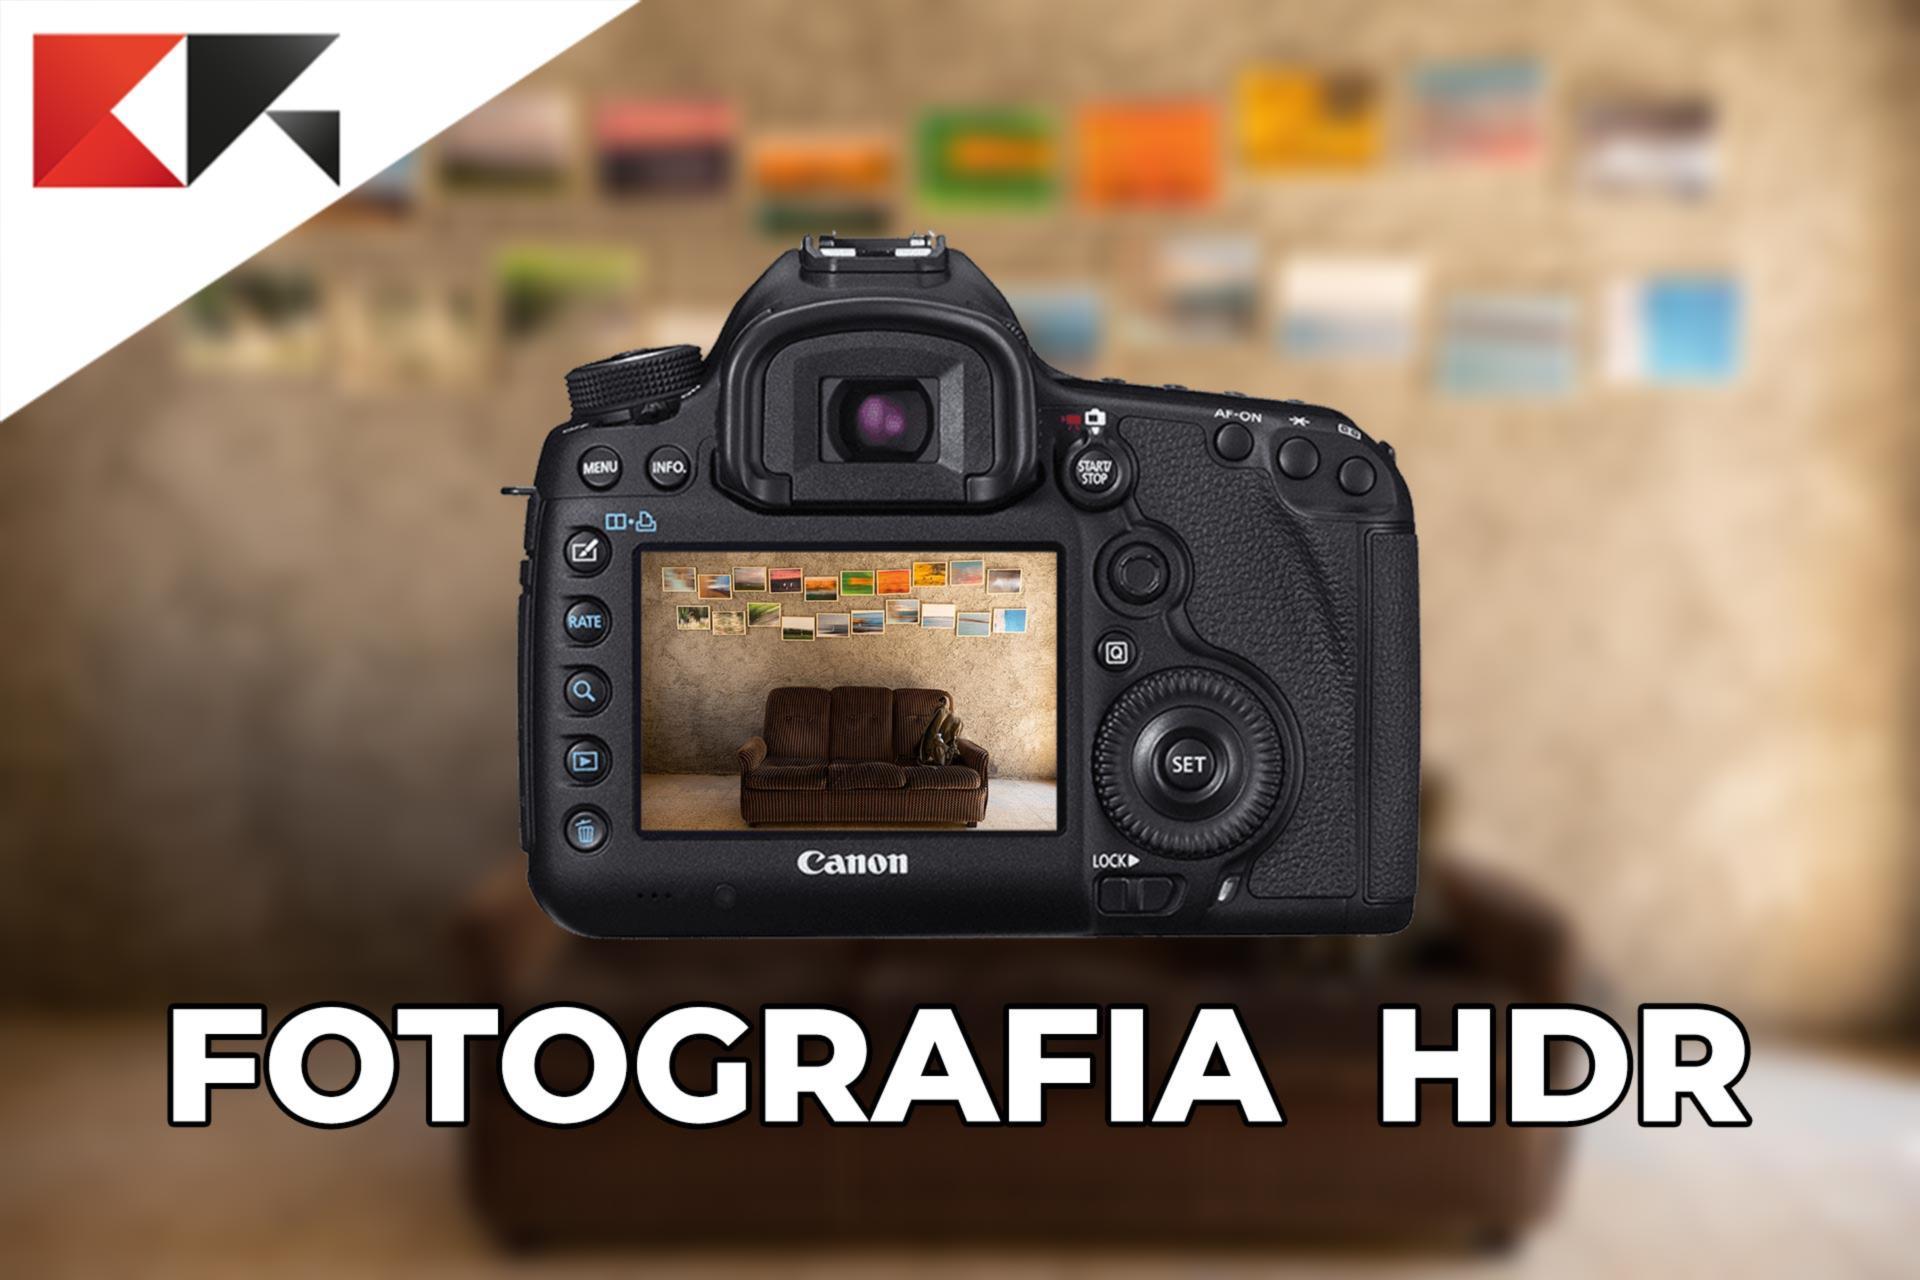 Fotografia HDR 1